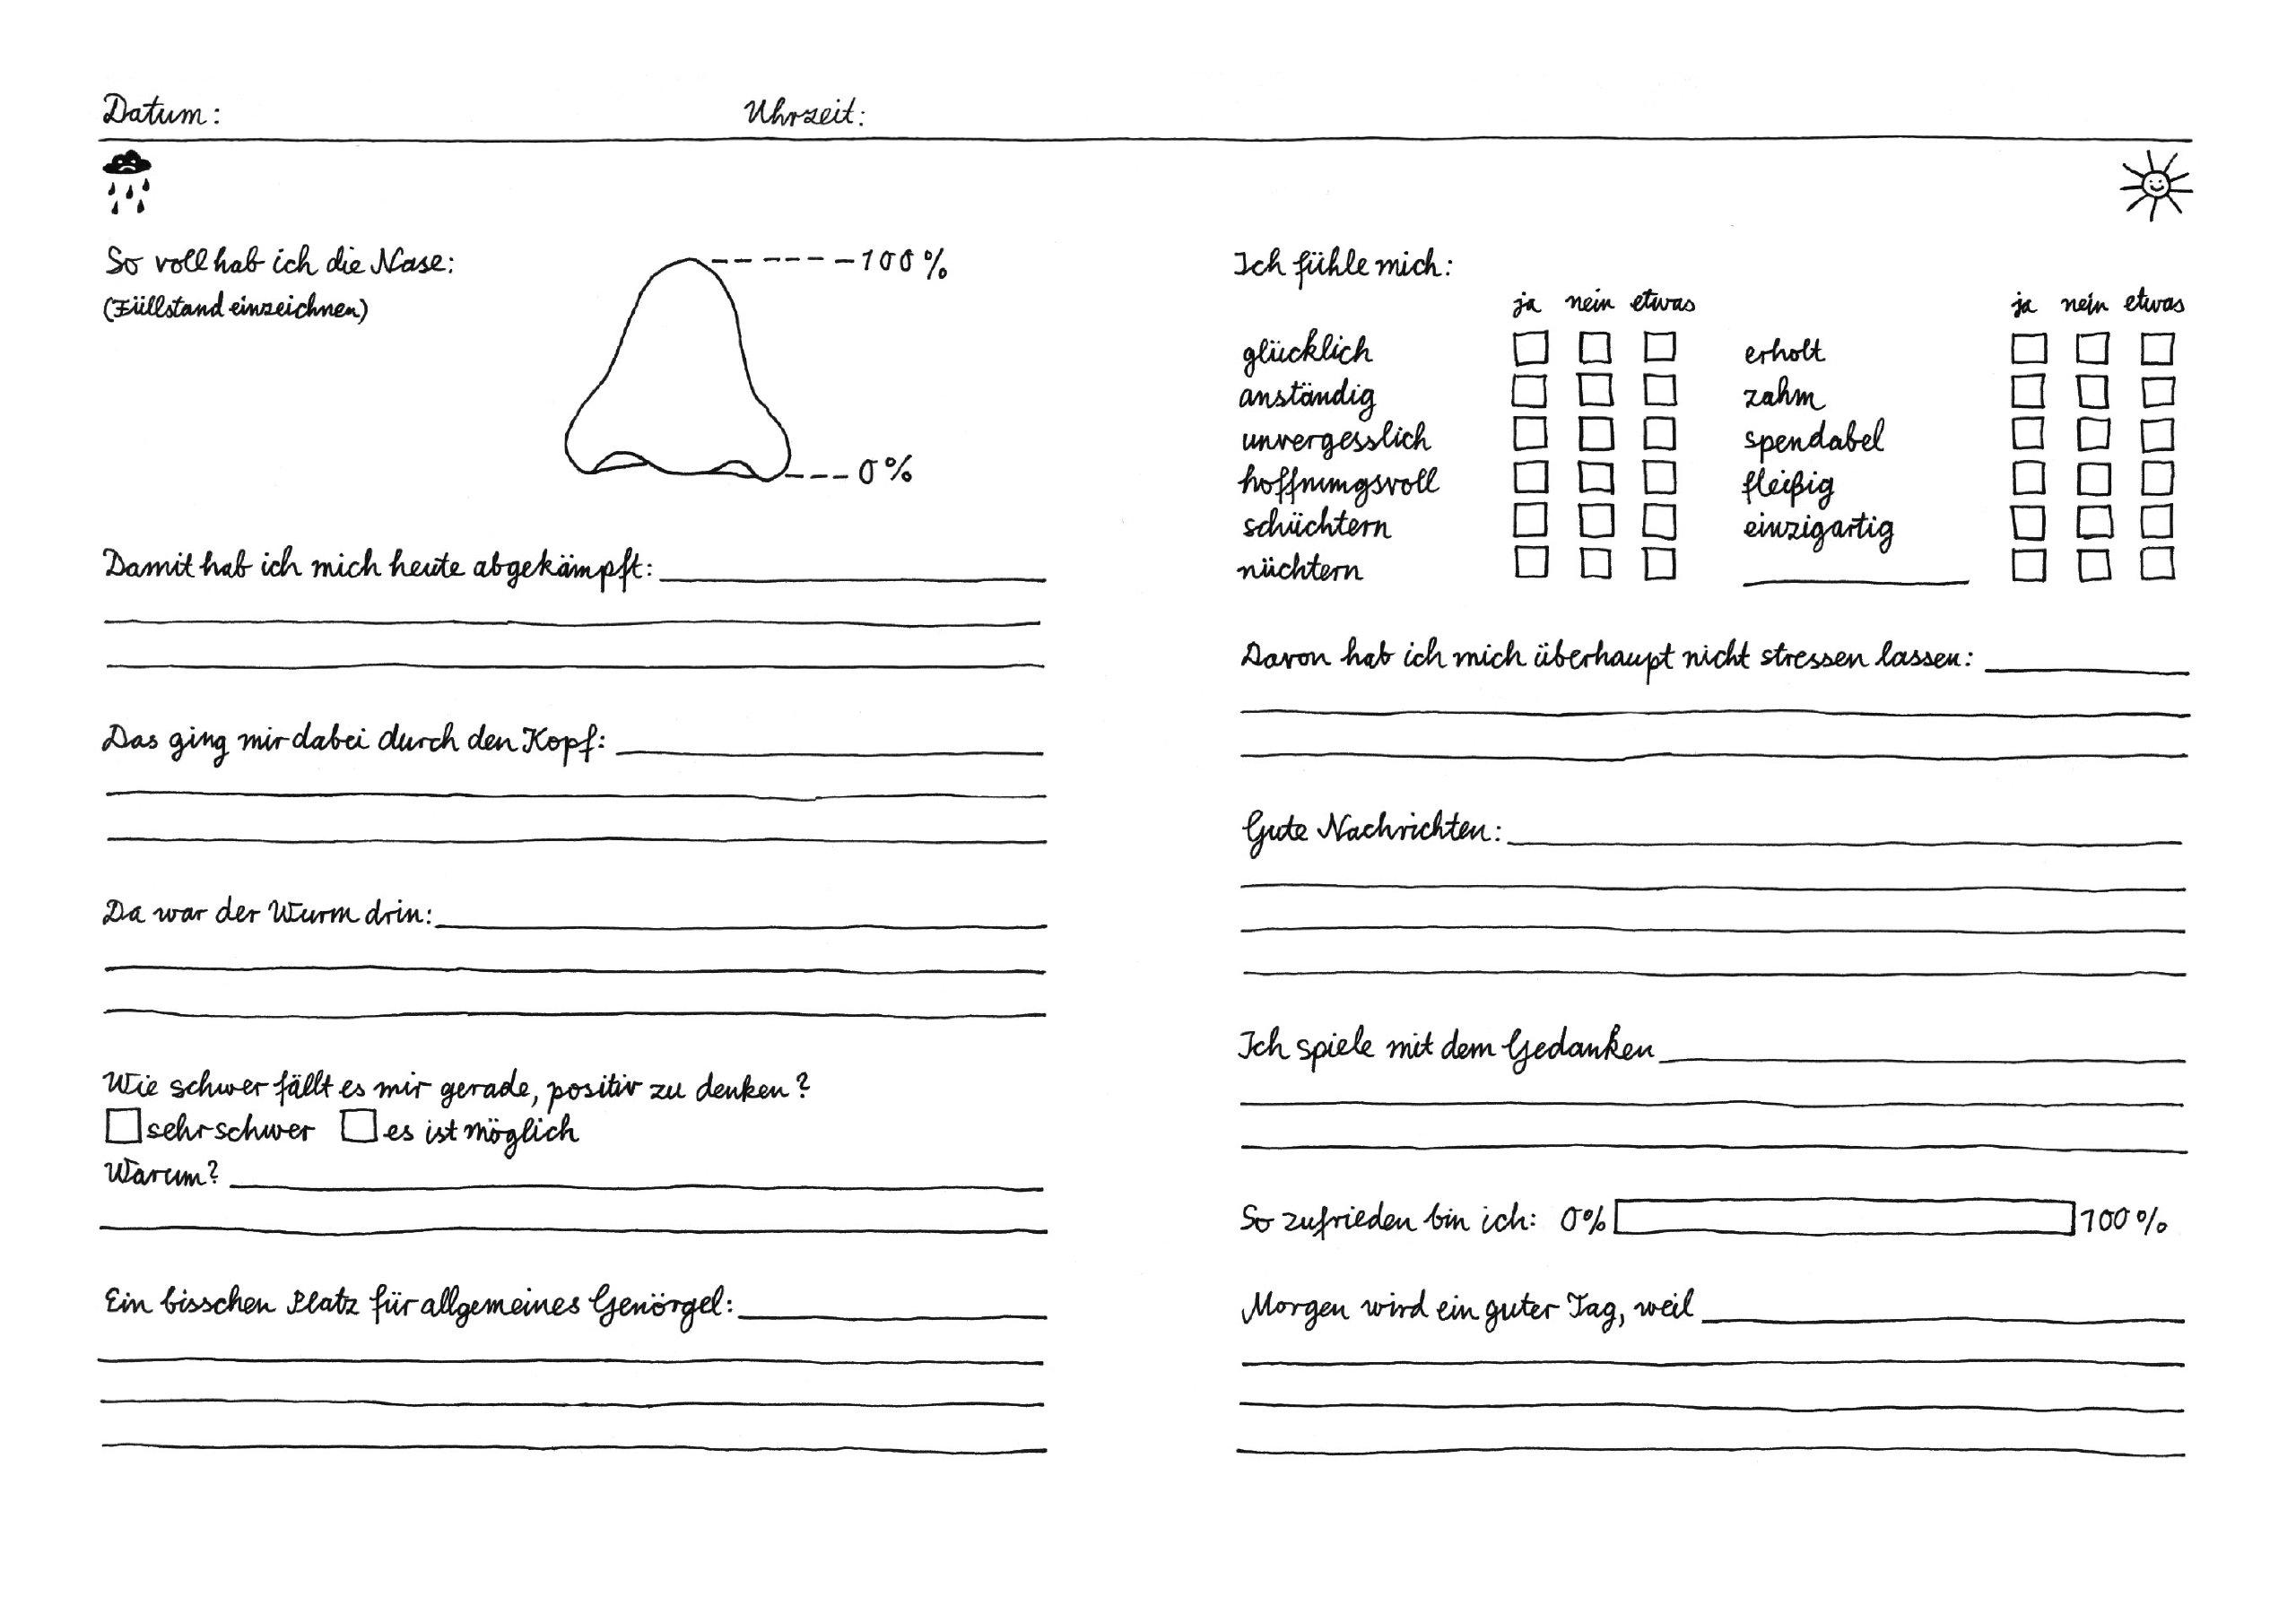 Tolle Site Tagebuch Vorlage Ideen - Beispielzusammenfassung Ideen ...